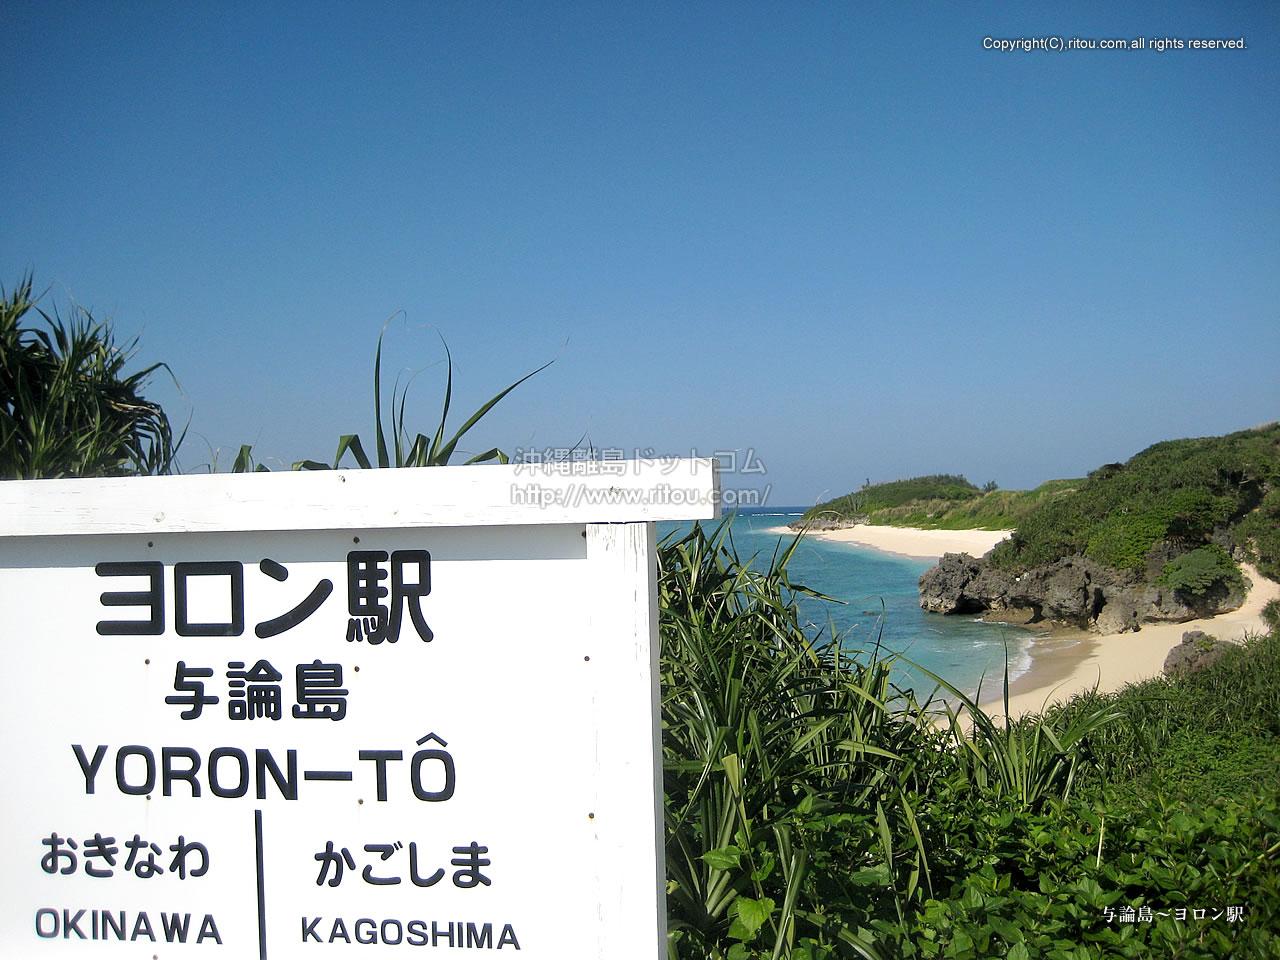 与論島〜ヨロン駅